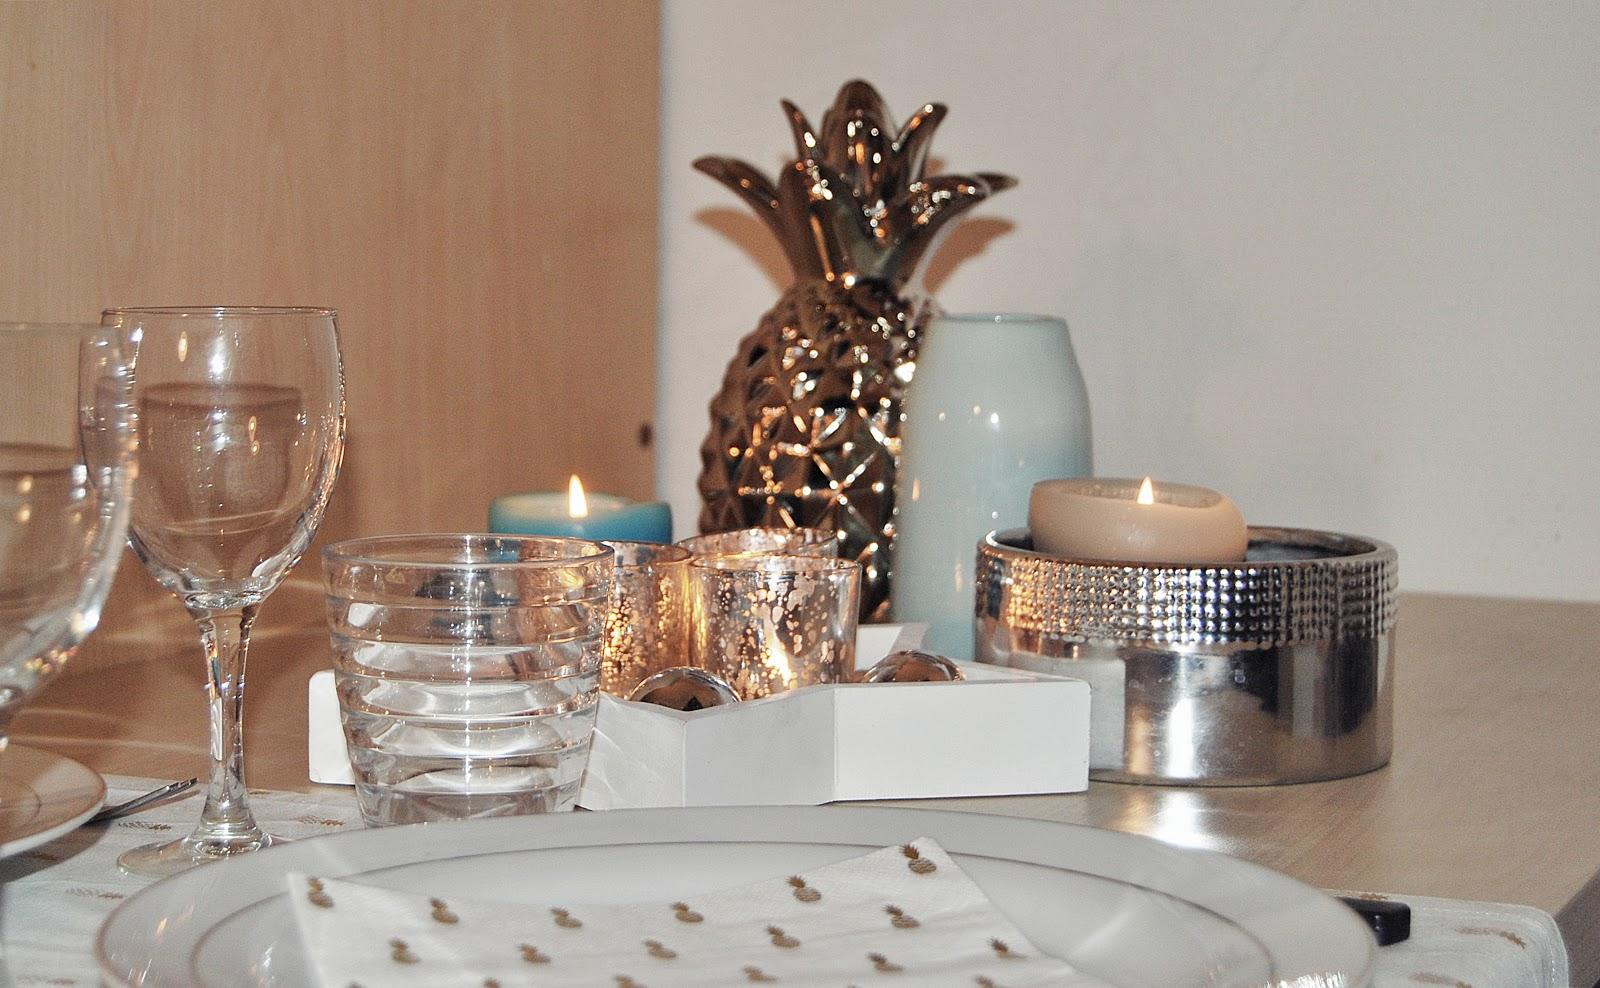 chemin de table maison du monde fabriquer un lit escamotable with chemin de table maison du. Black Bedroom Furniture Sets. Home Design Ideas